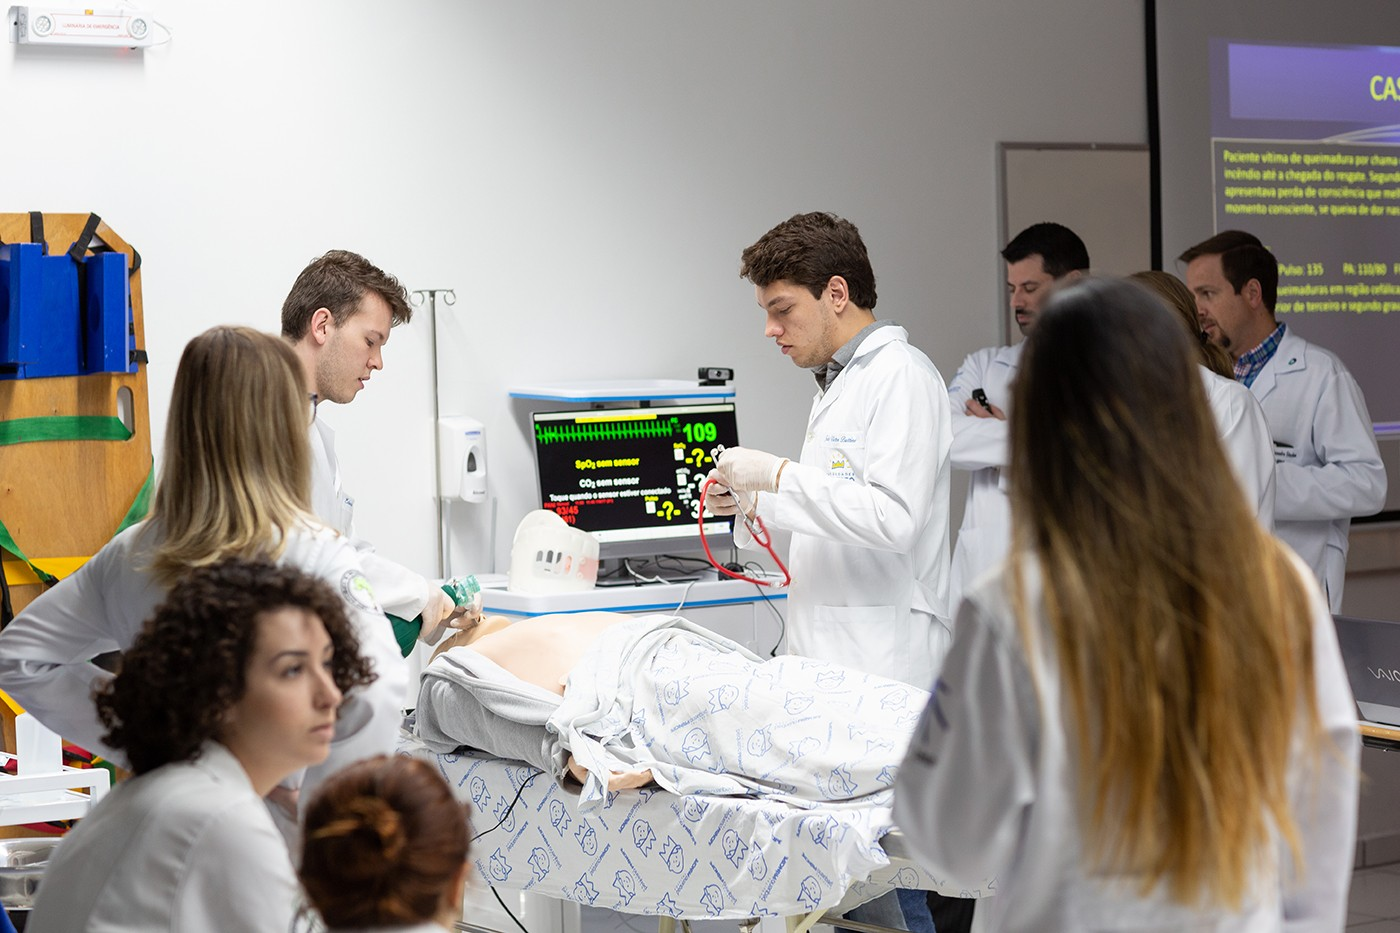 Medicina: a graduação que tem 52 áreas possíveis de atuação